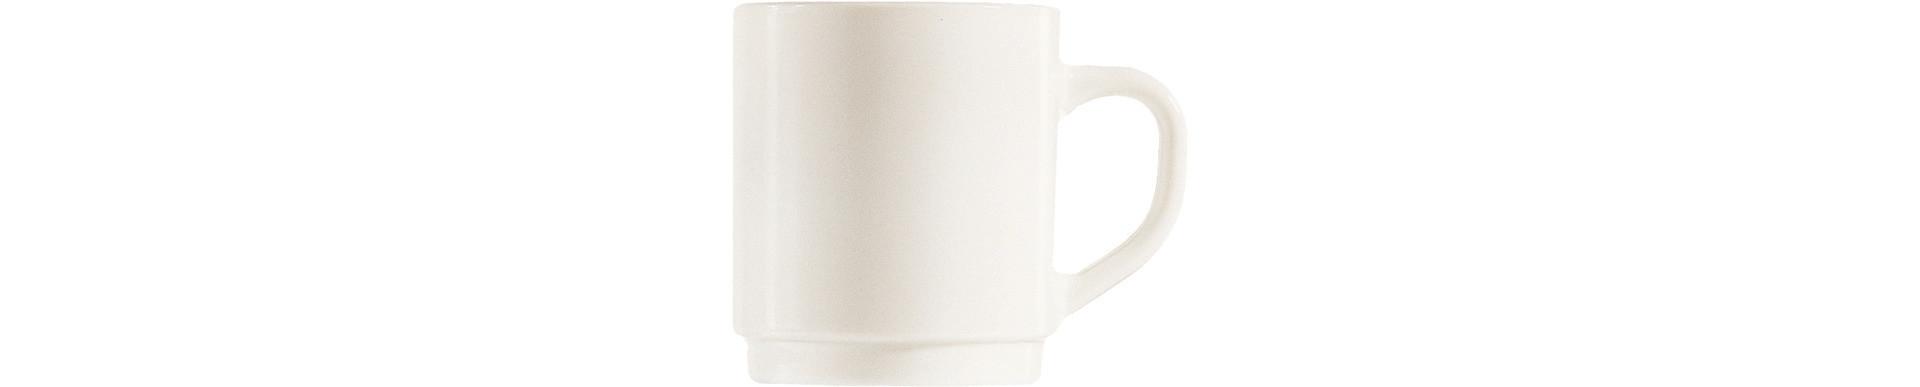 Intensity Cream, Bockbecher stapelbar ø 79 mm / 0,29 l